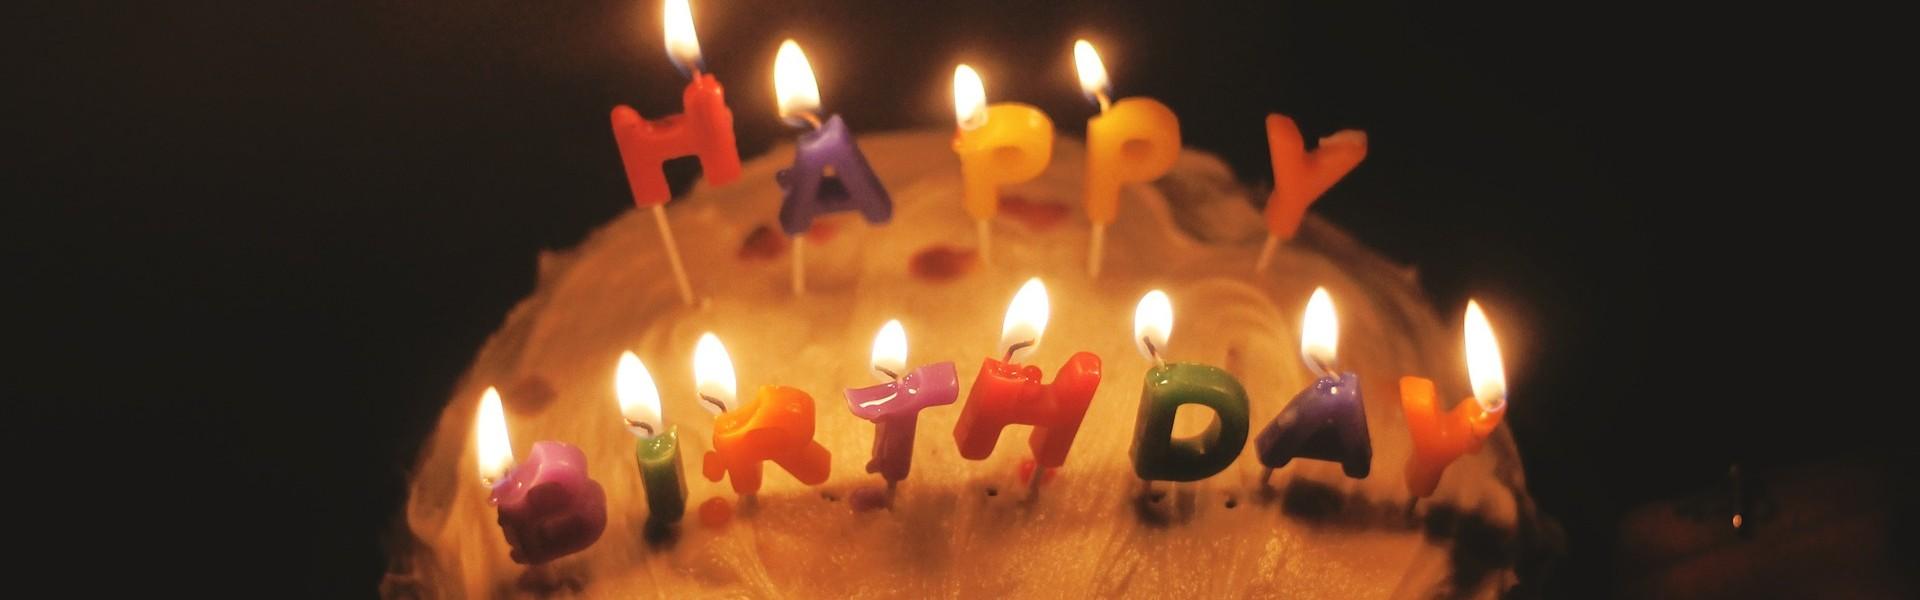 Ideas para celebrar cumpleaños en la cuarentena